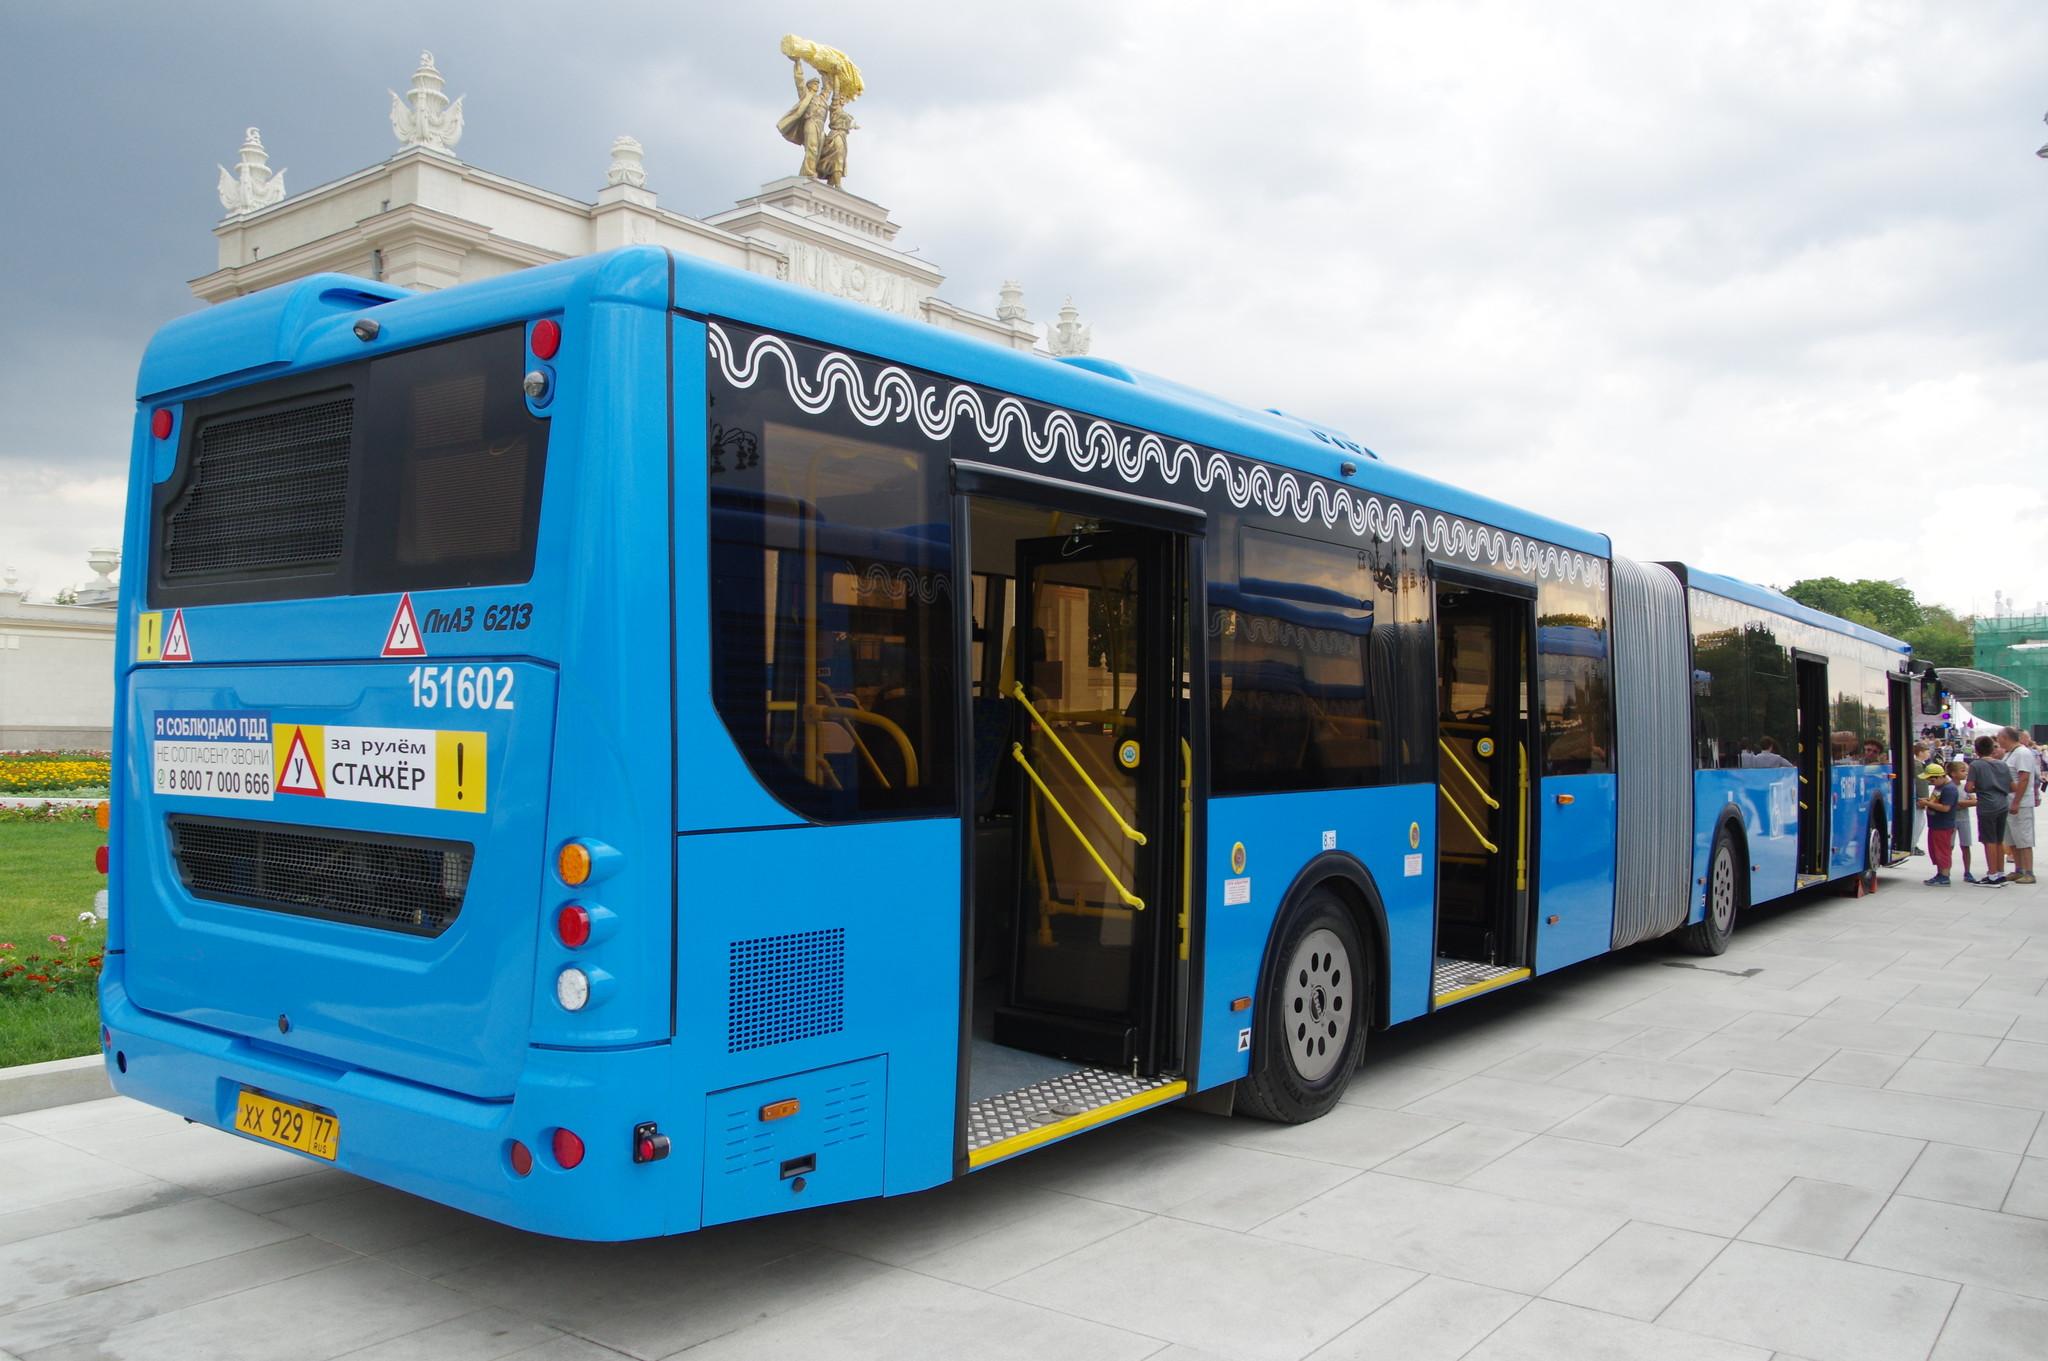 Сочленённый низкопольный городской автобус ЛиАЗ-6213